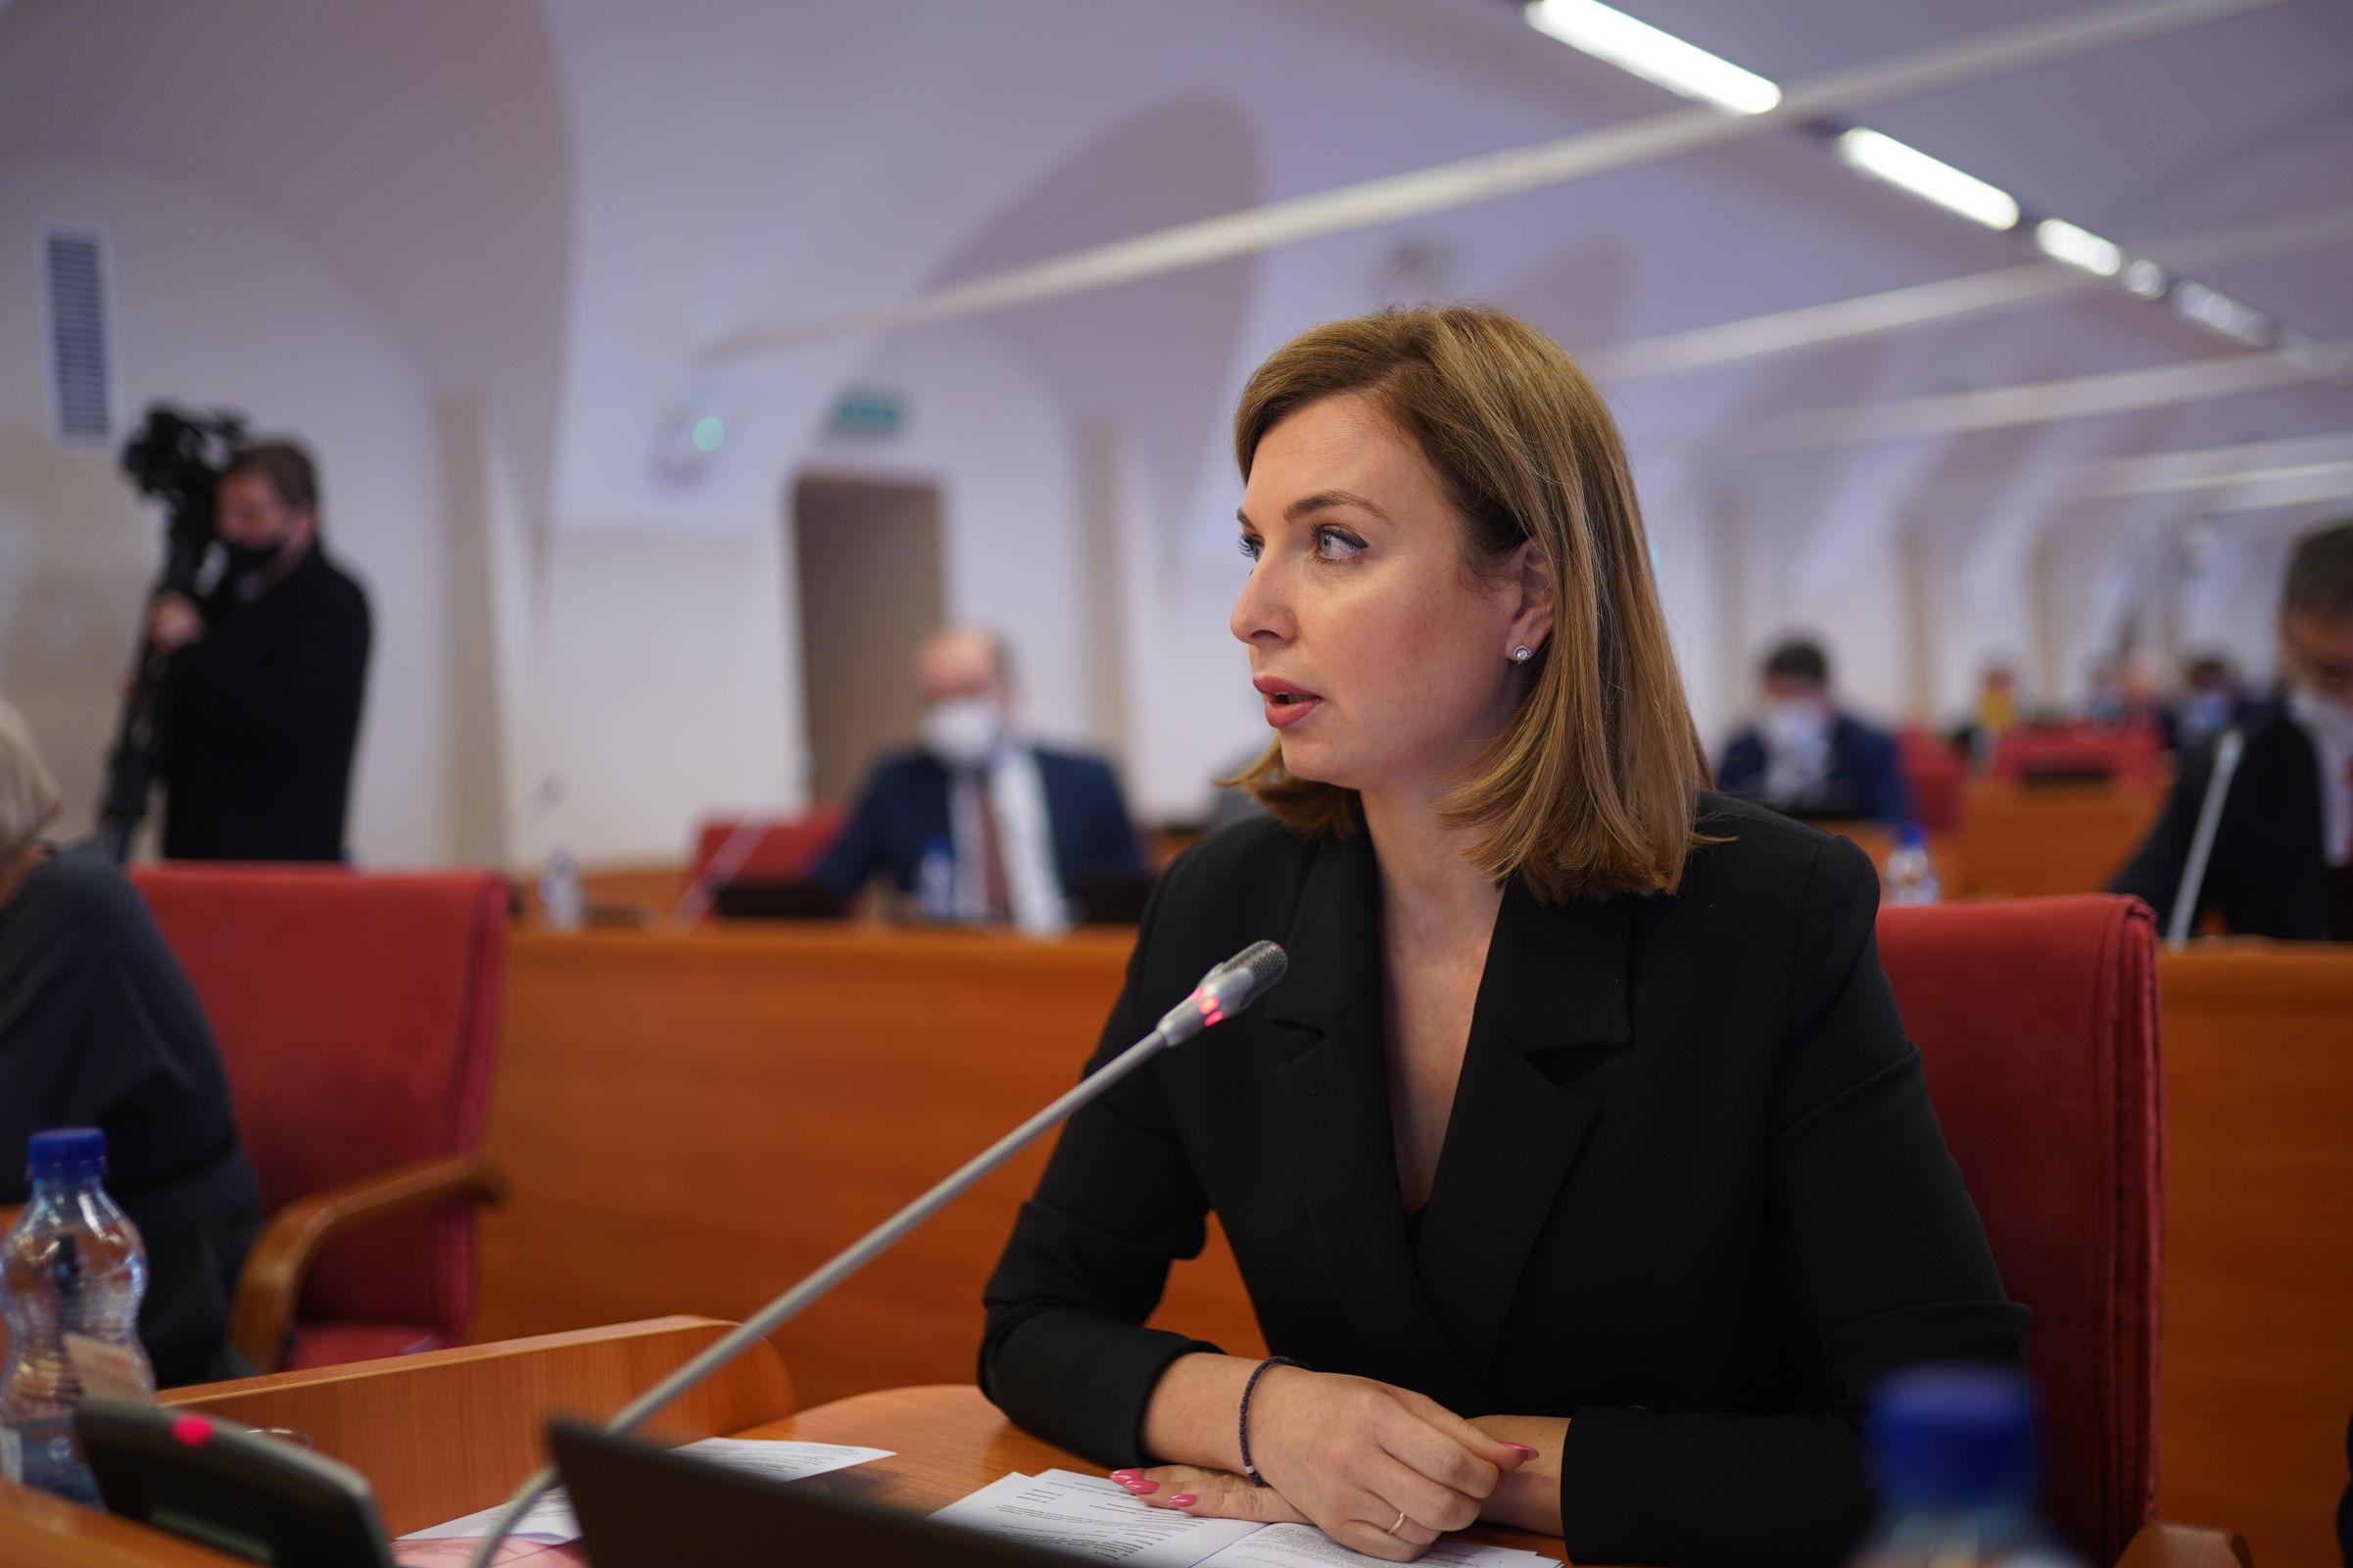 Ольгу Хитрову избрали заместителем председателя Яроблдумы